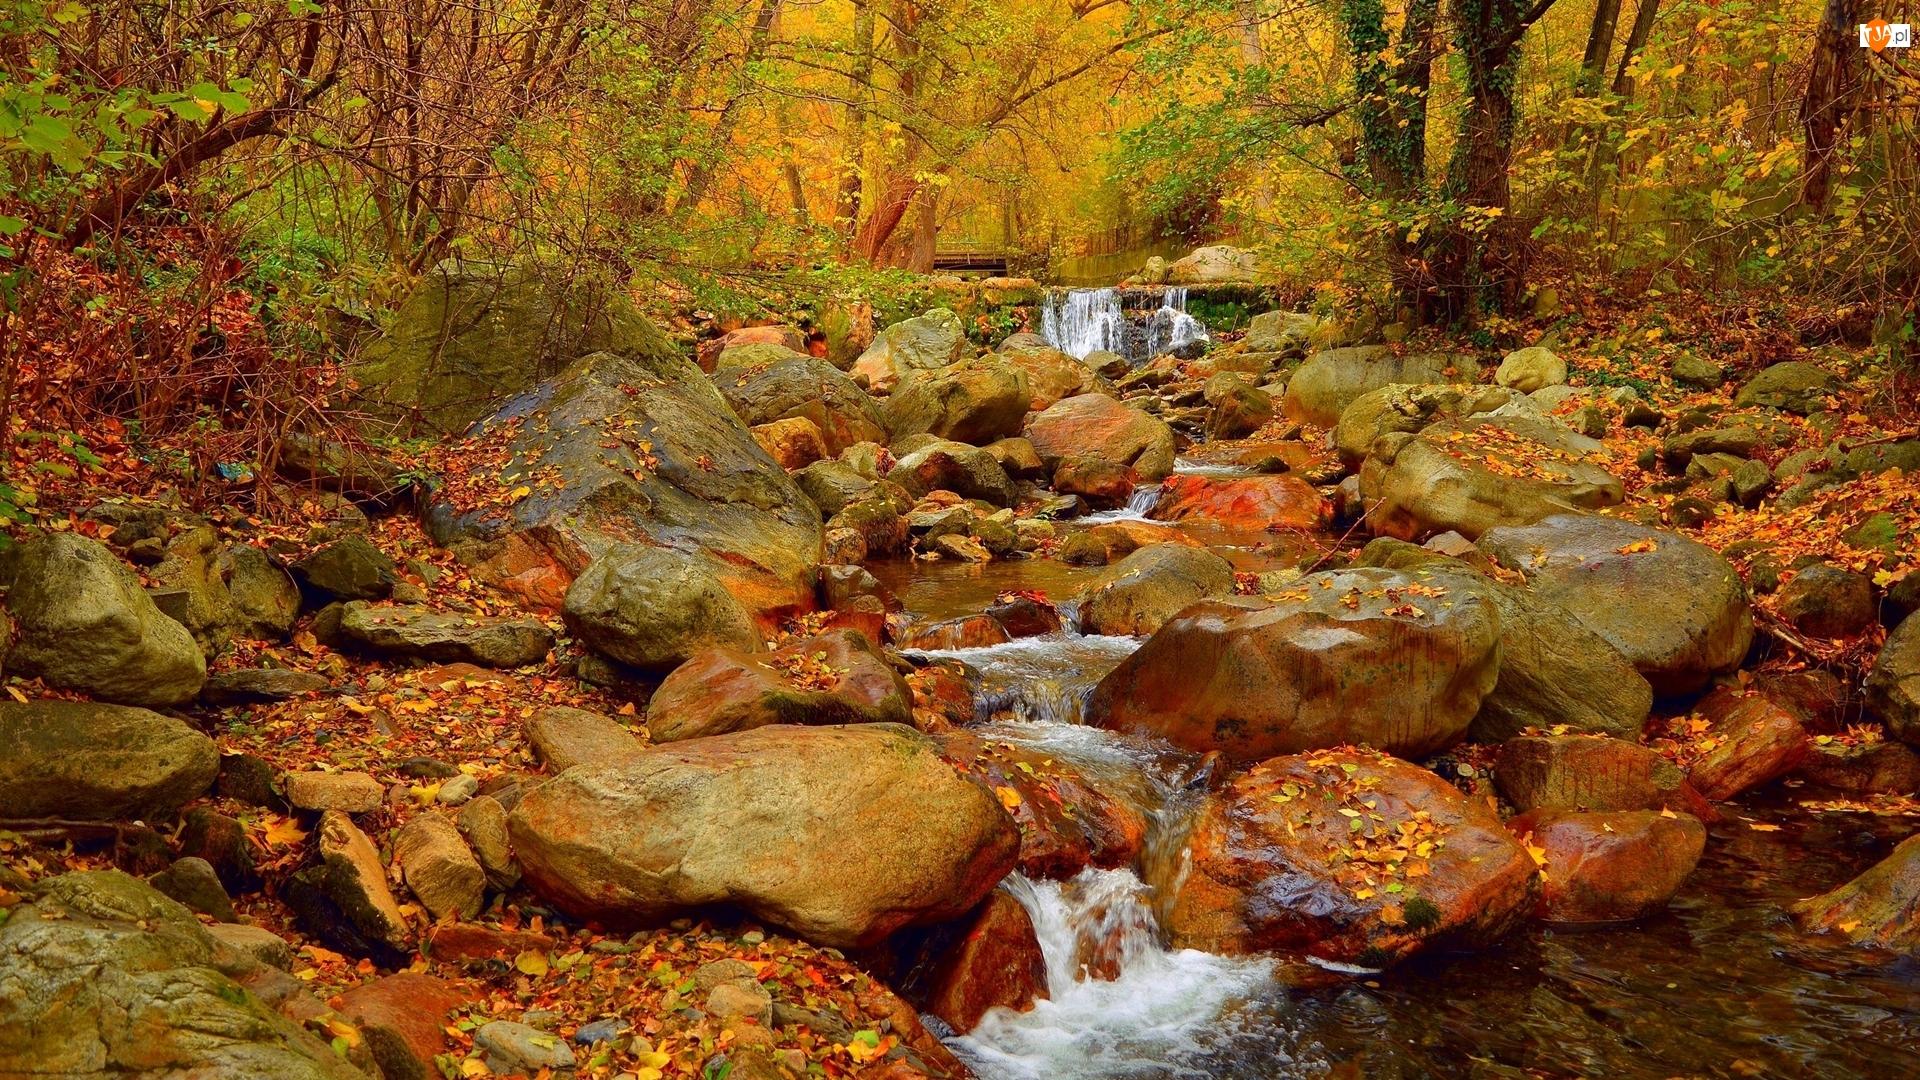 Rzeka, Las, Skały, Liście, Kamienie, Jesień